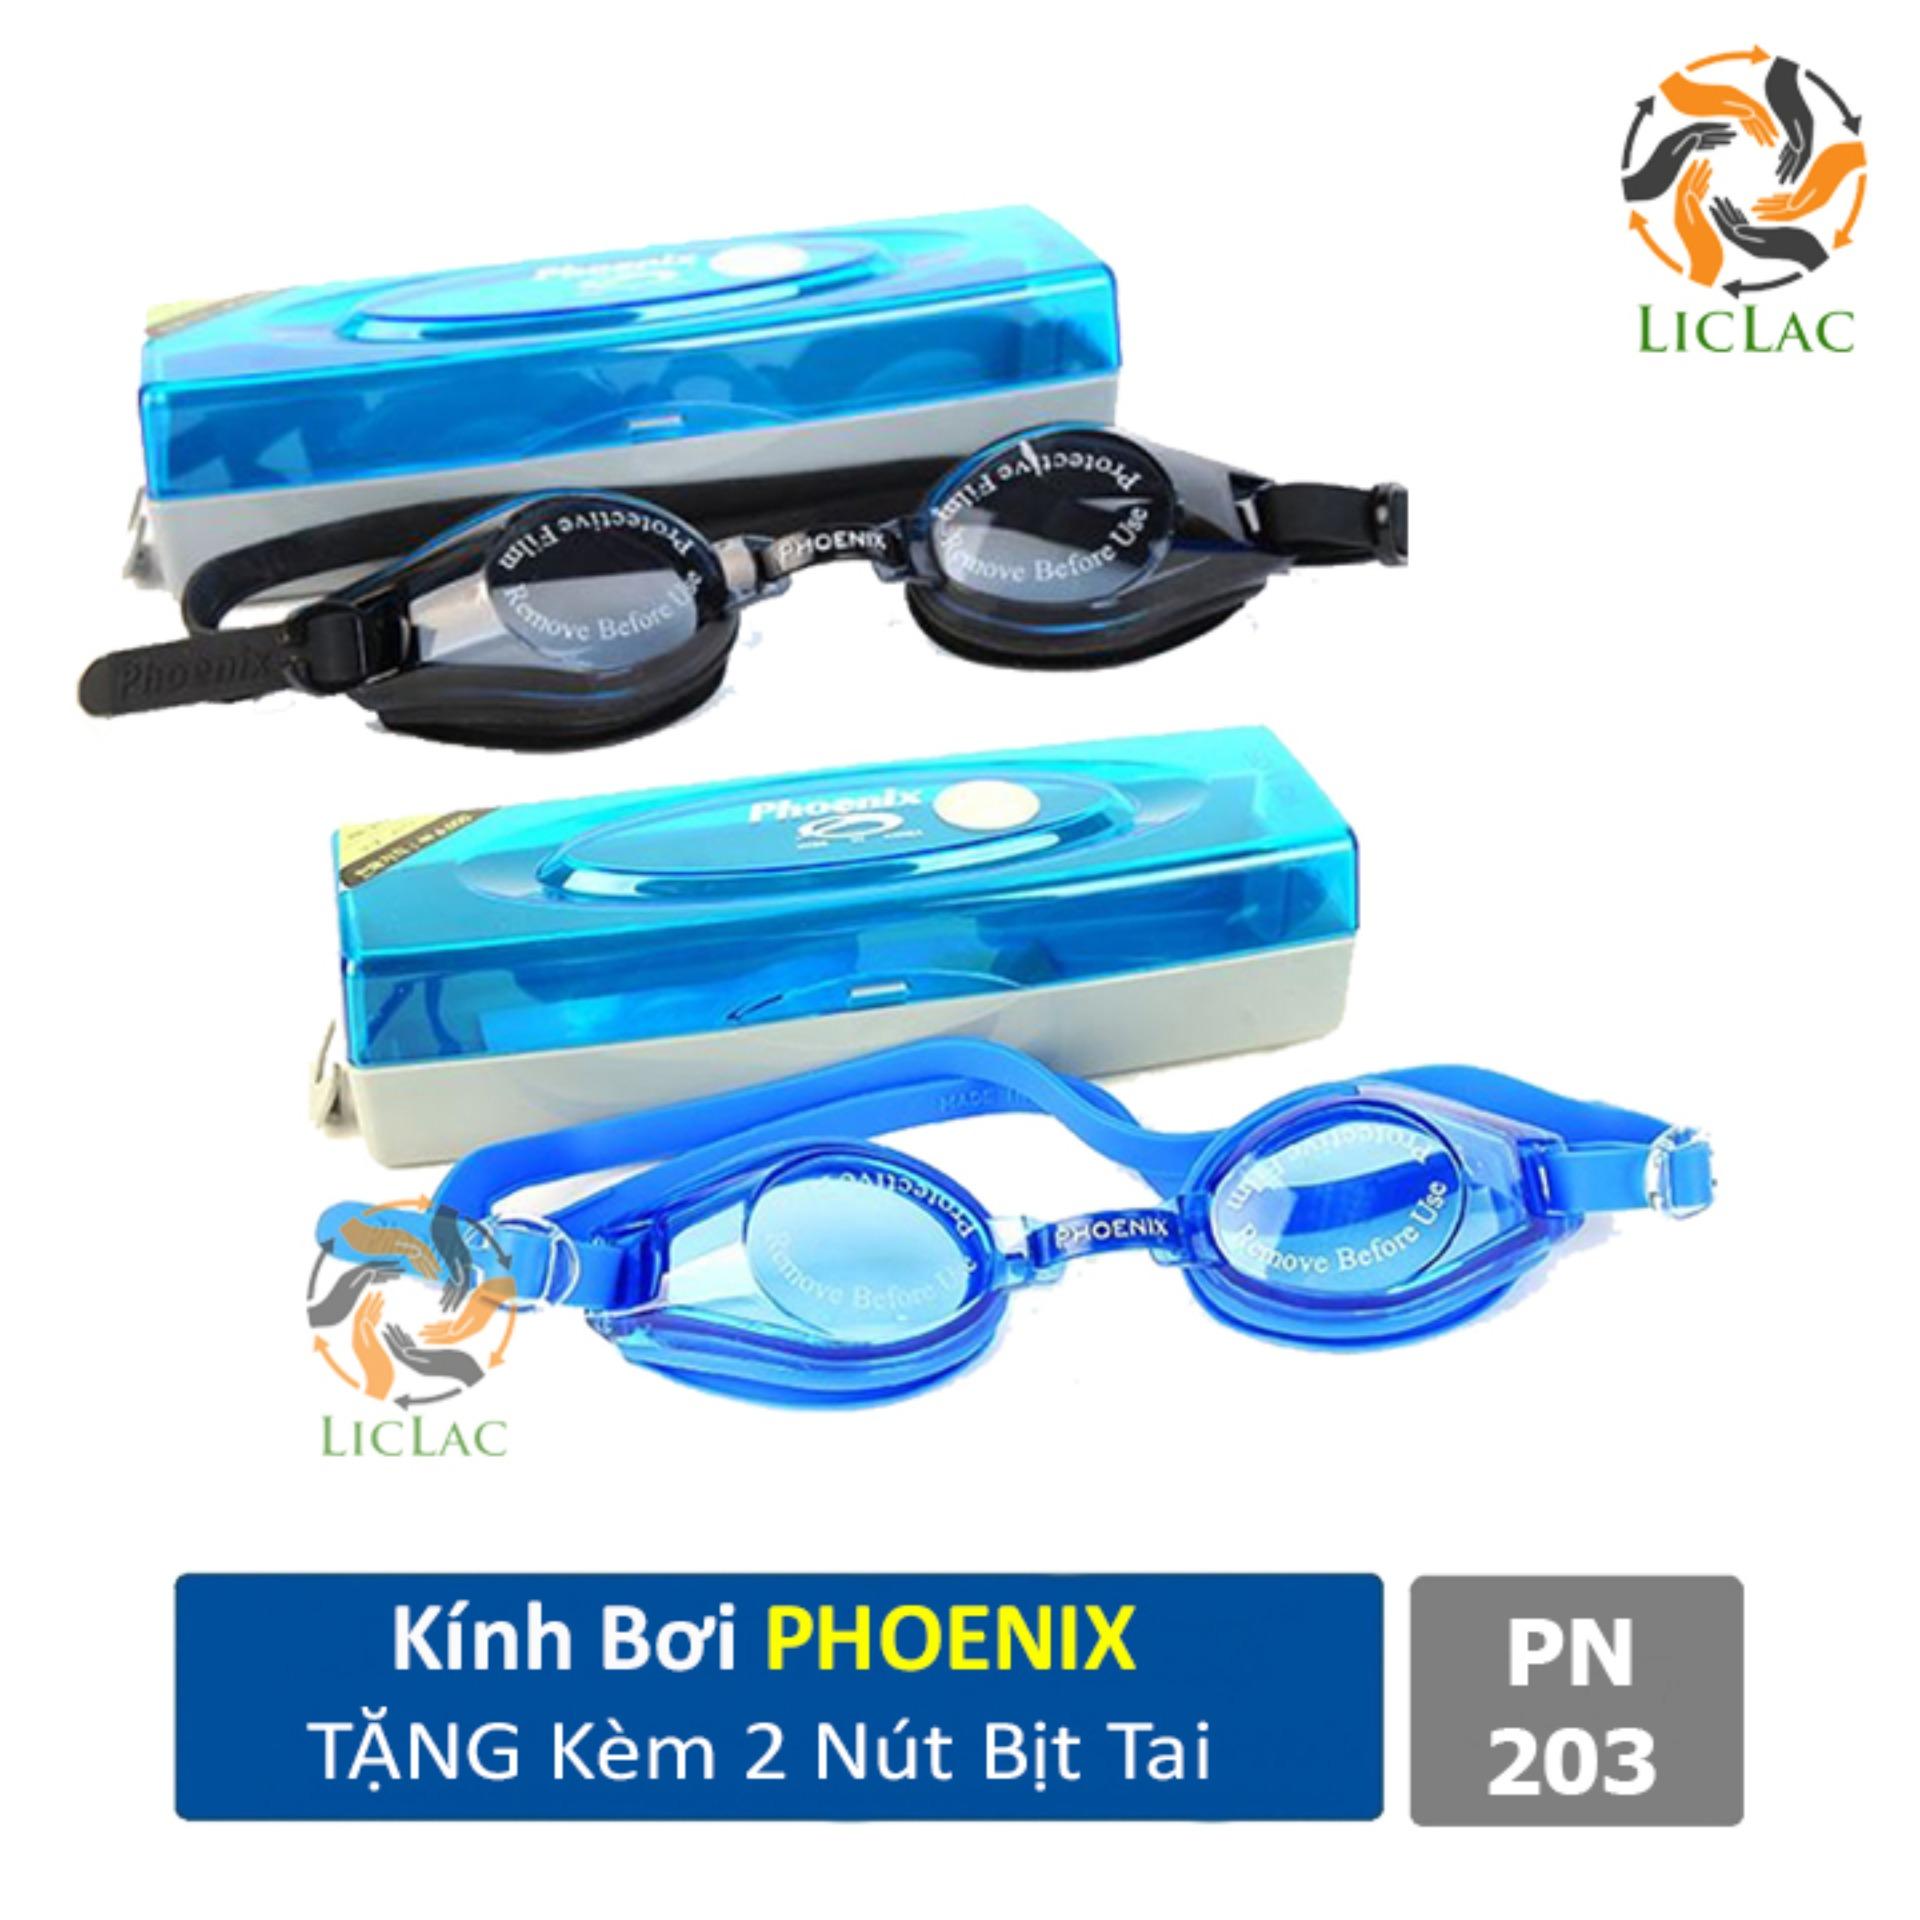 Kính Bơi Hàn Quốc Phoenix ( LOẠI XỊN ) + TẶNG Hộp Đựng Tiện Dụng - LICLAC Giá Cực Cool